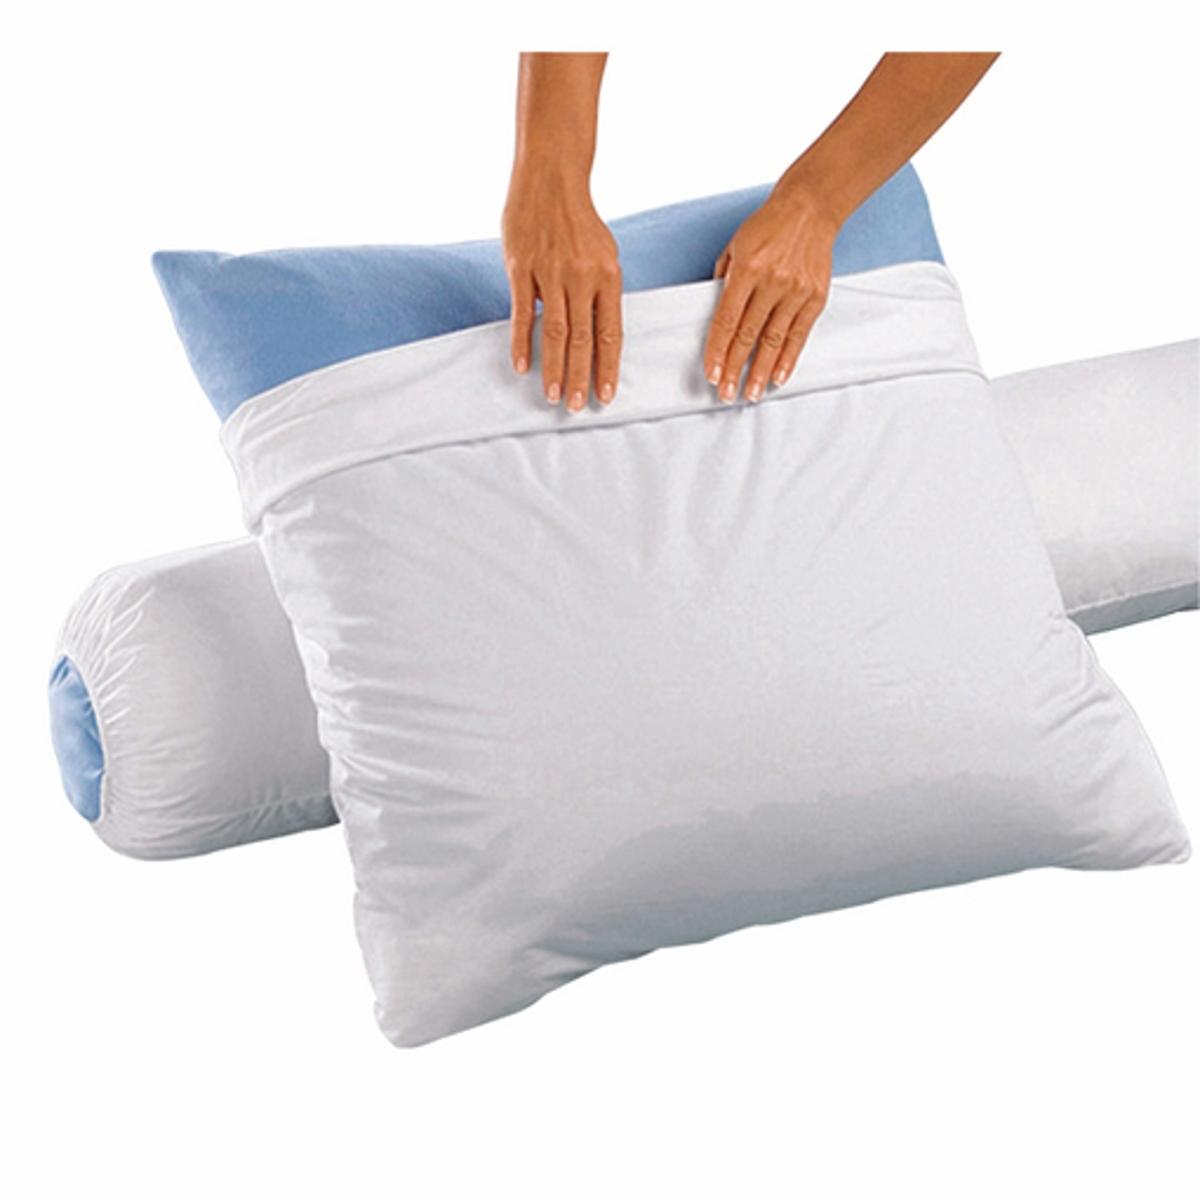 Чехол La Redoute Защитный для подушки из джерси водонепроницаемый 60 x 60 см белый чехол для подушки из шерсти osia